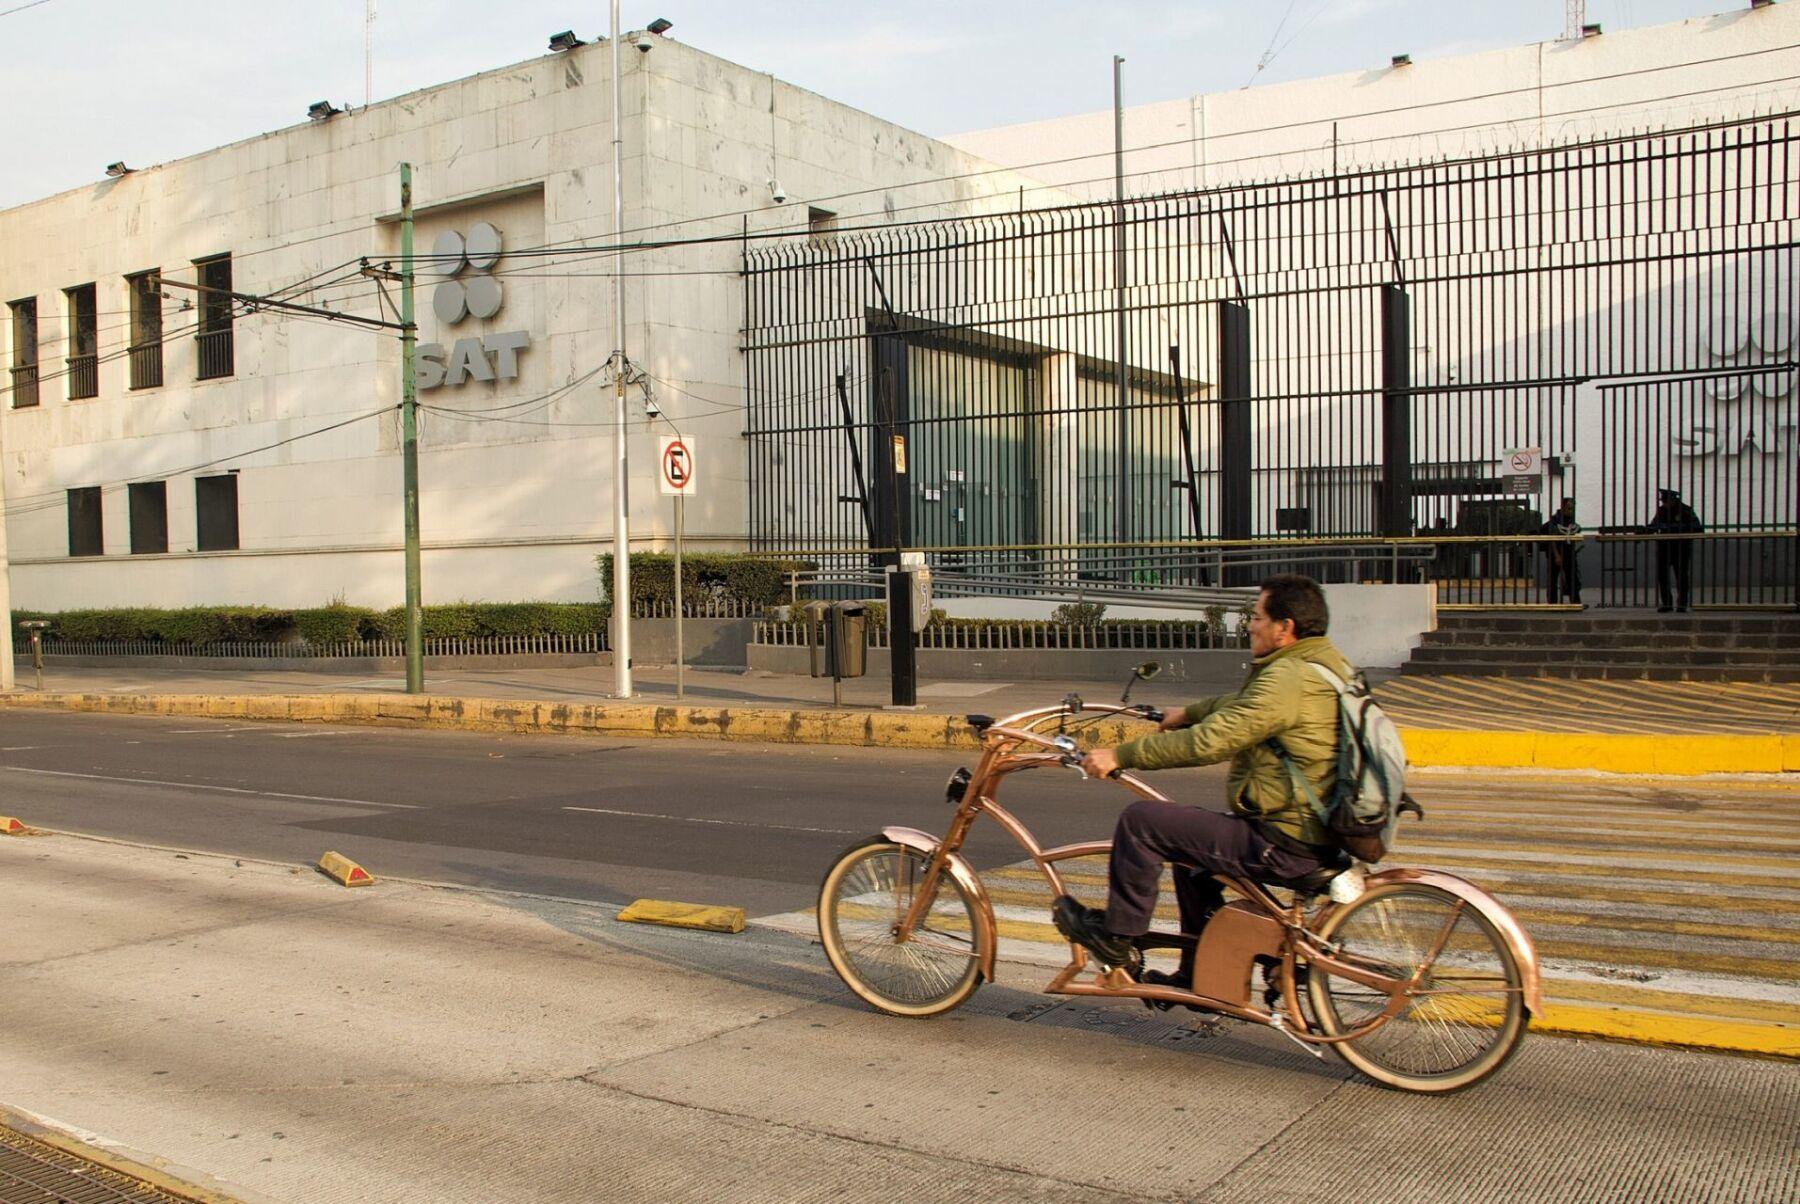 CIUDAD DE MÉXICO, 25DICIEMBRE2018.- Aspectos de las oficinas del Servicio de Administración Tributaria (SAT), donde recientemente fueron despedidas al menos 200 personas que alegan fue, de manera injustificada y sin liquidación correspondiente.  FOTO: ANDREA MURCIA /CUARTOSCURO.COM